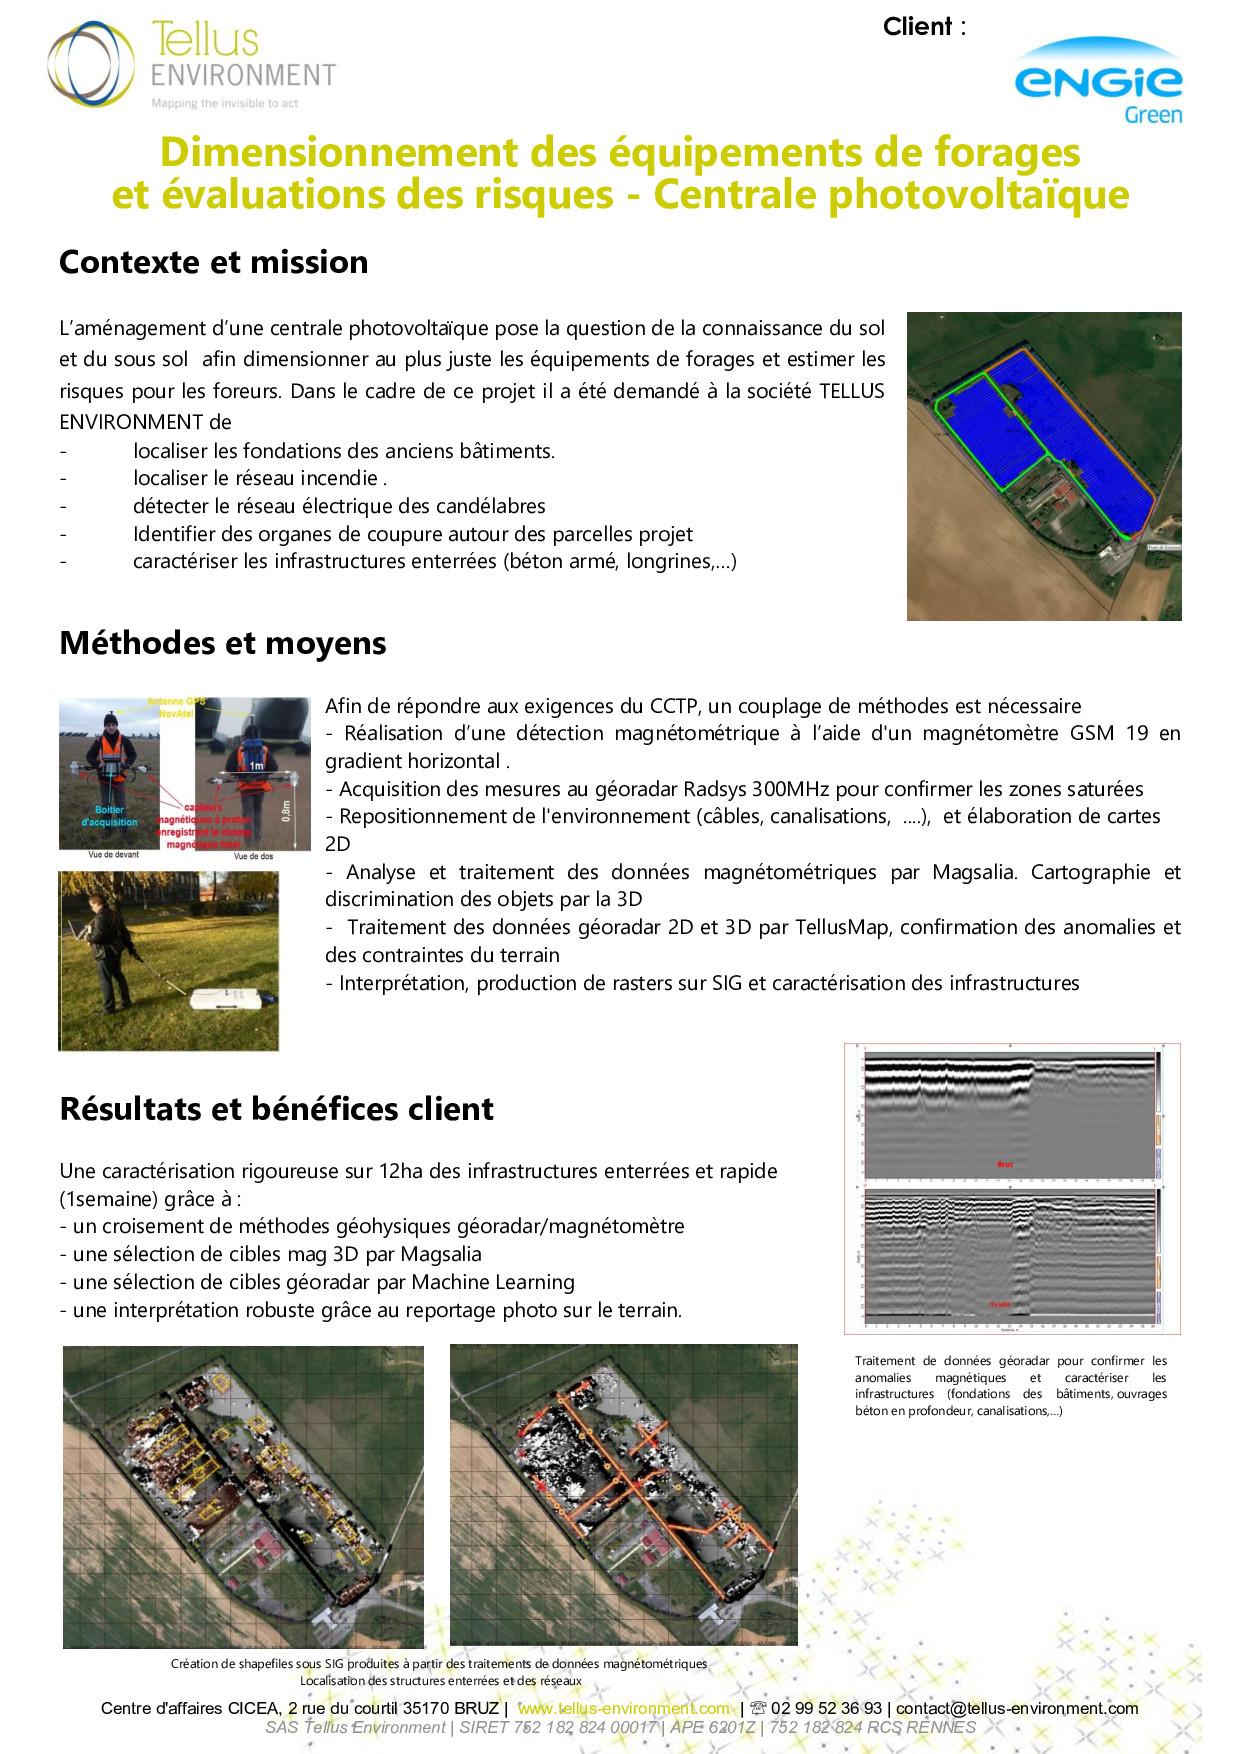 7 Tellus Environment Recherche dinfrastructures enfouies pour dimensionner les équipements de forage Radar Mag p001 - Tellus Environment